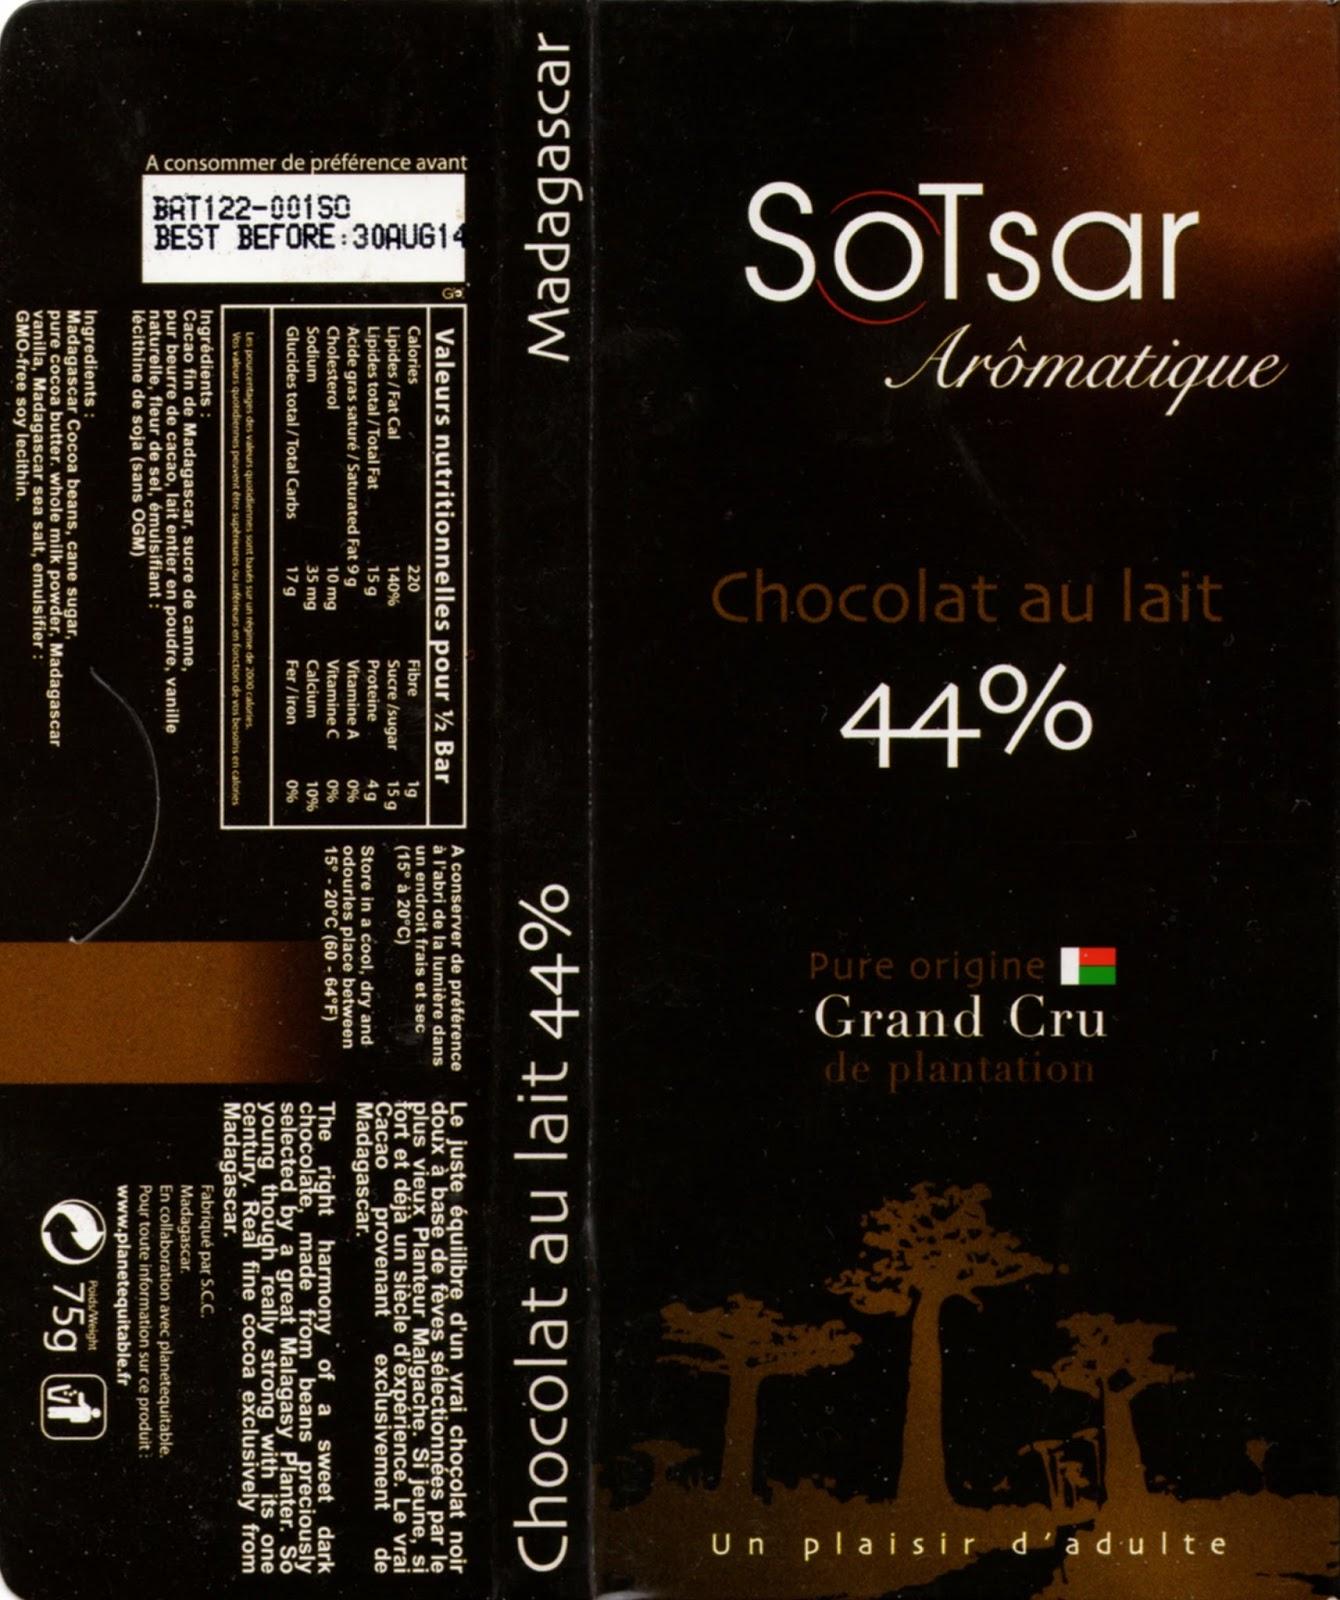 tablette de chocolat lait dégustation sotsar chocolat au lait madagascar 44